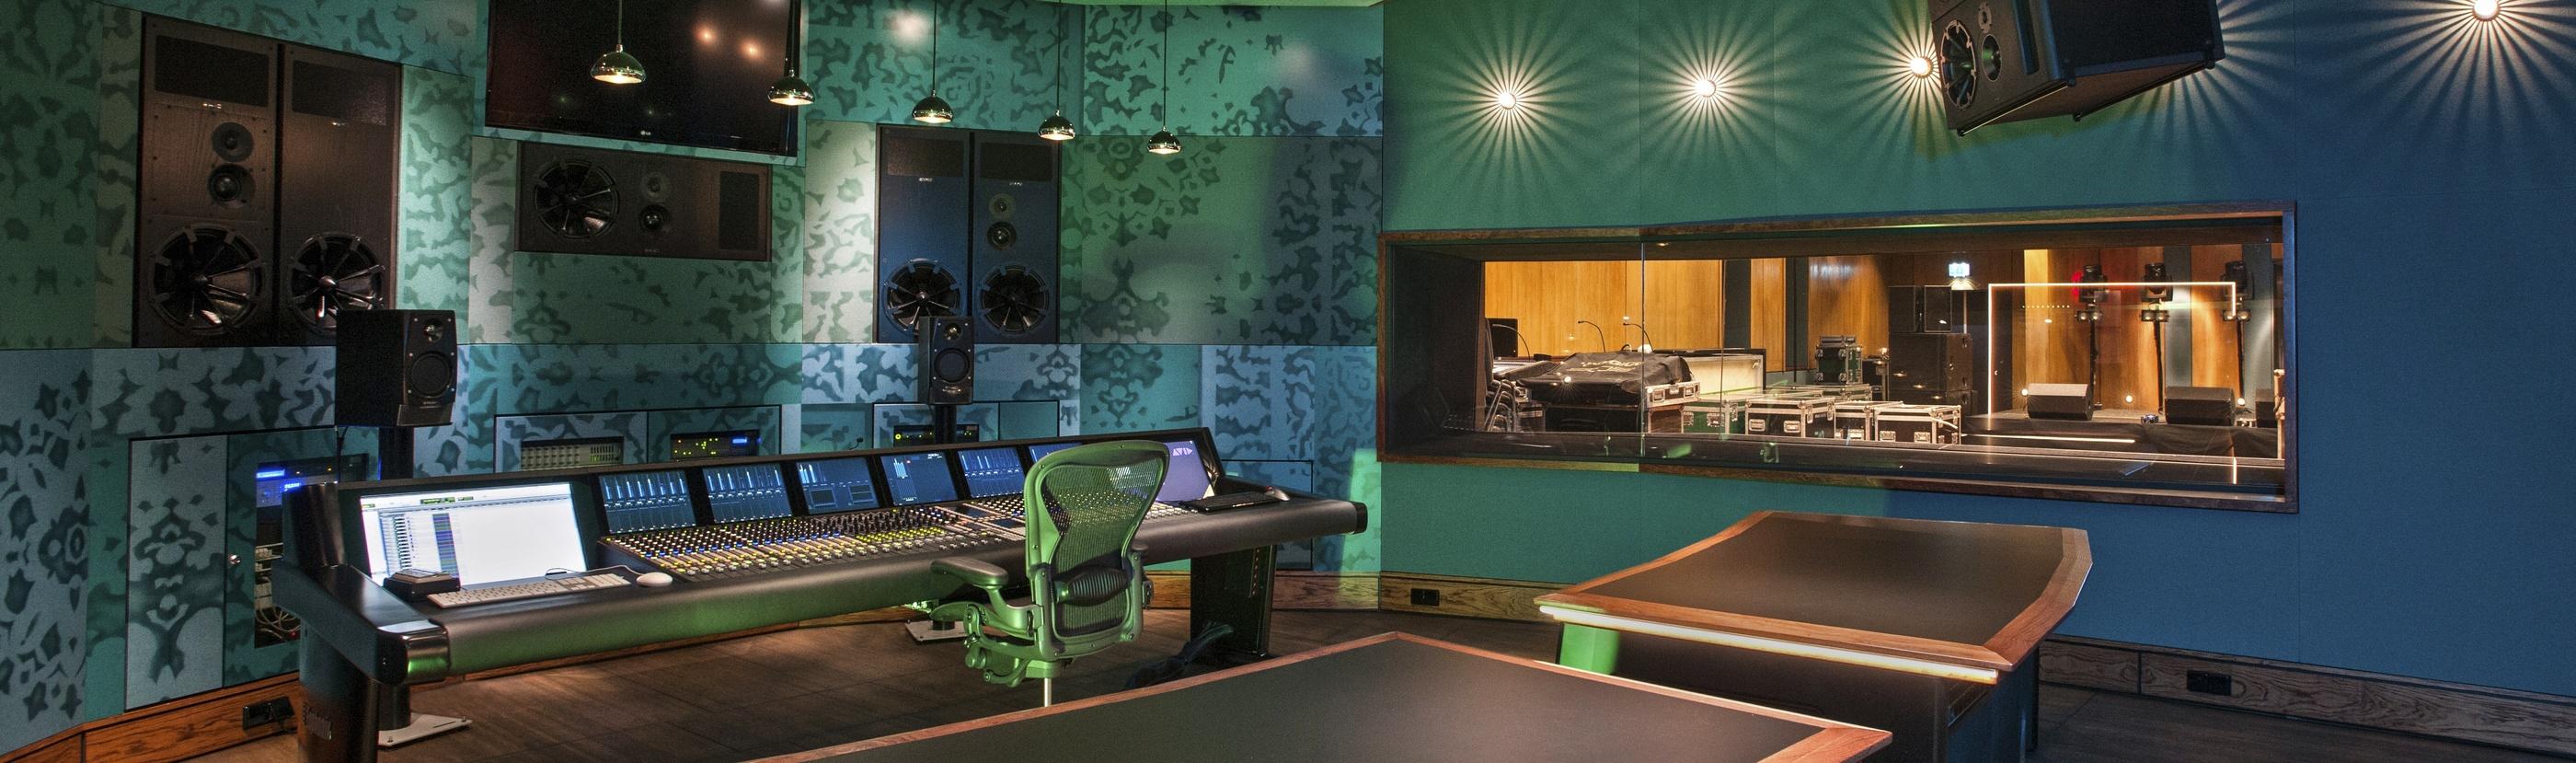 Slider_Wisseloord_Controlekamer-Studio1_V2